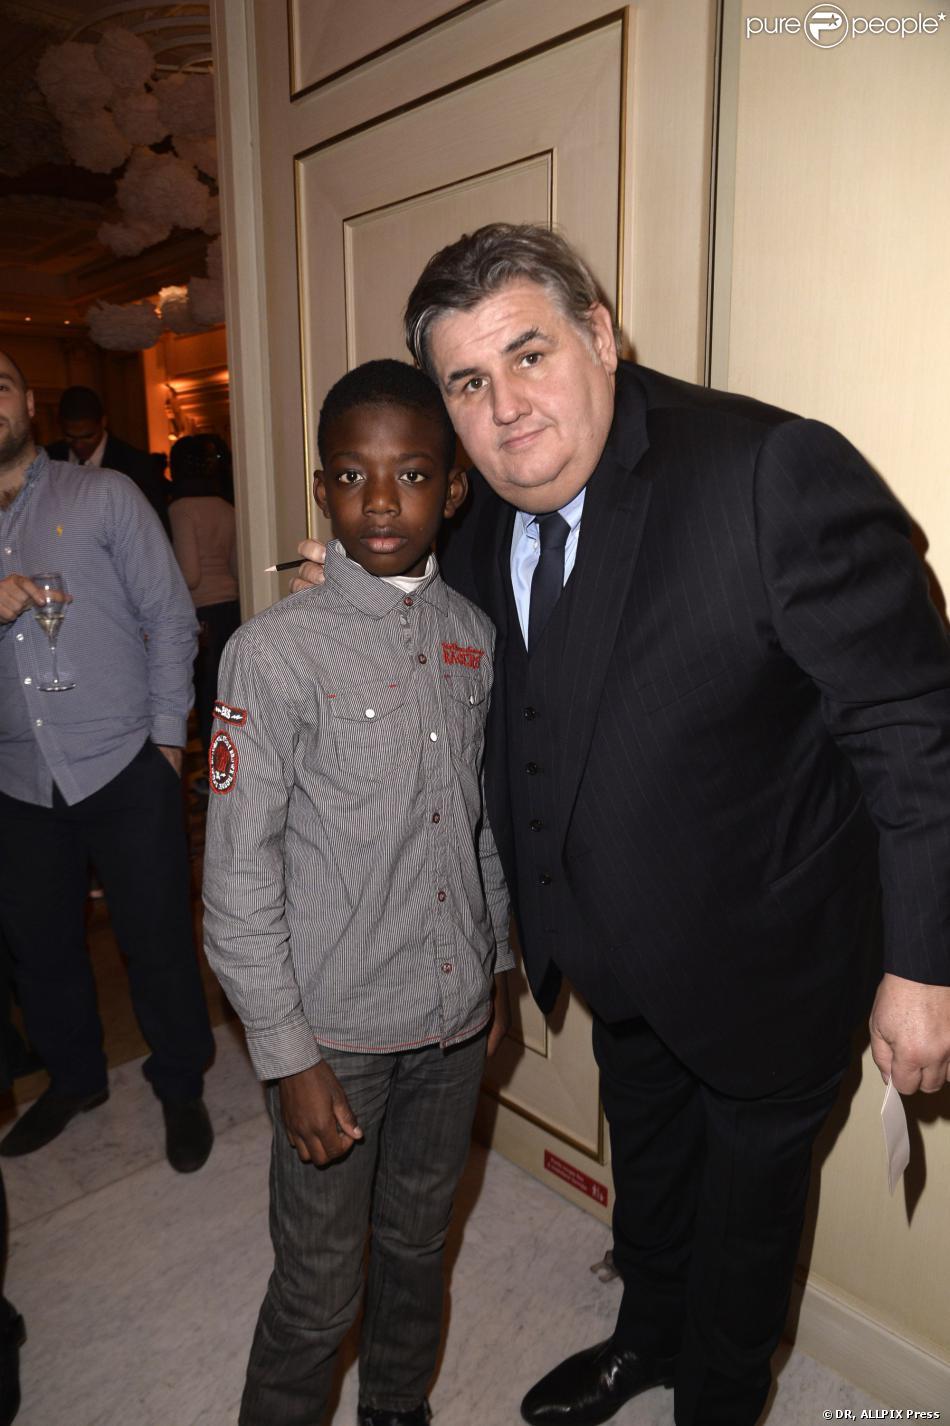 L'animateur Pierre Ménès le 20 novembre 2013 à Paris au dîner de gala en soutien à All4kids et Sports Sans Frontières au Shangri-La Hotel.